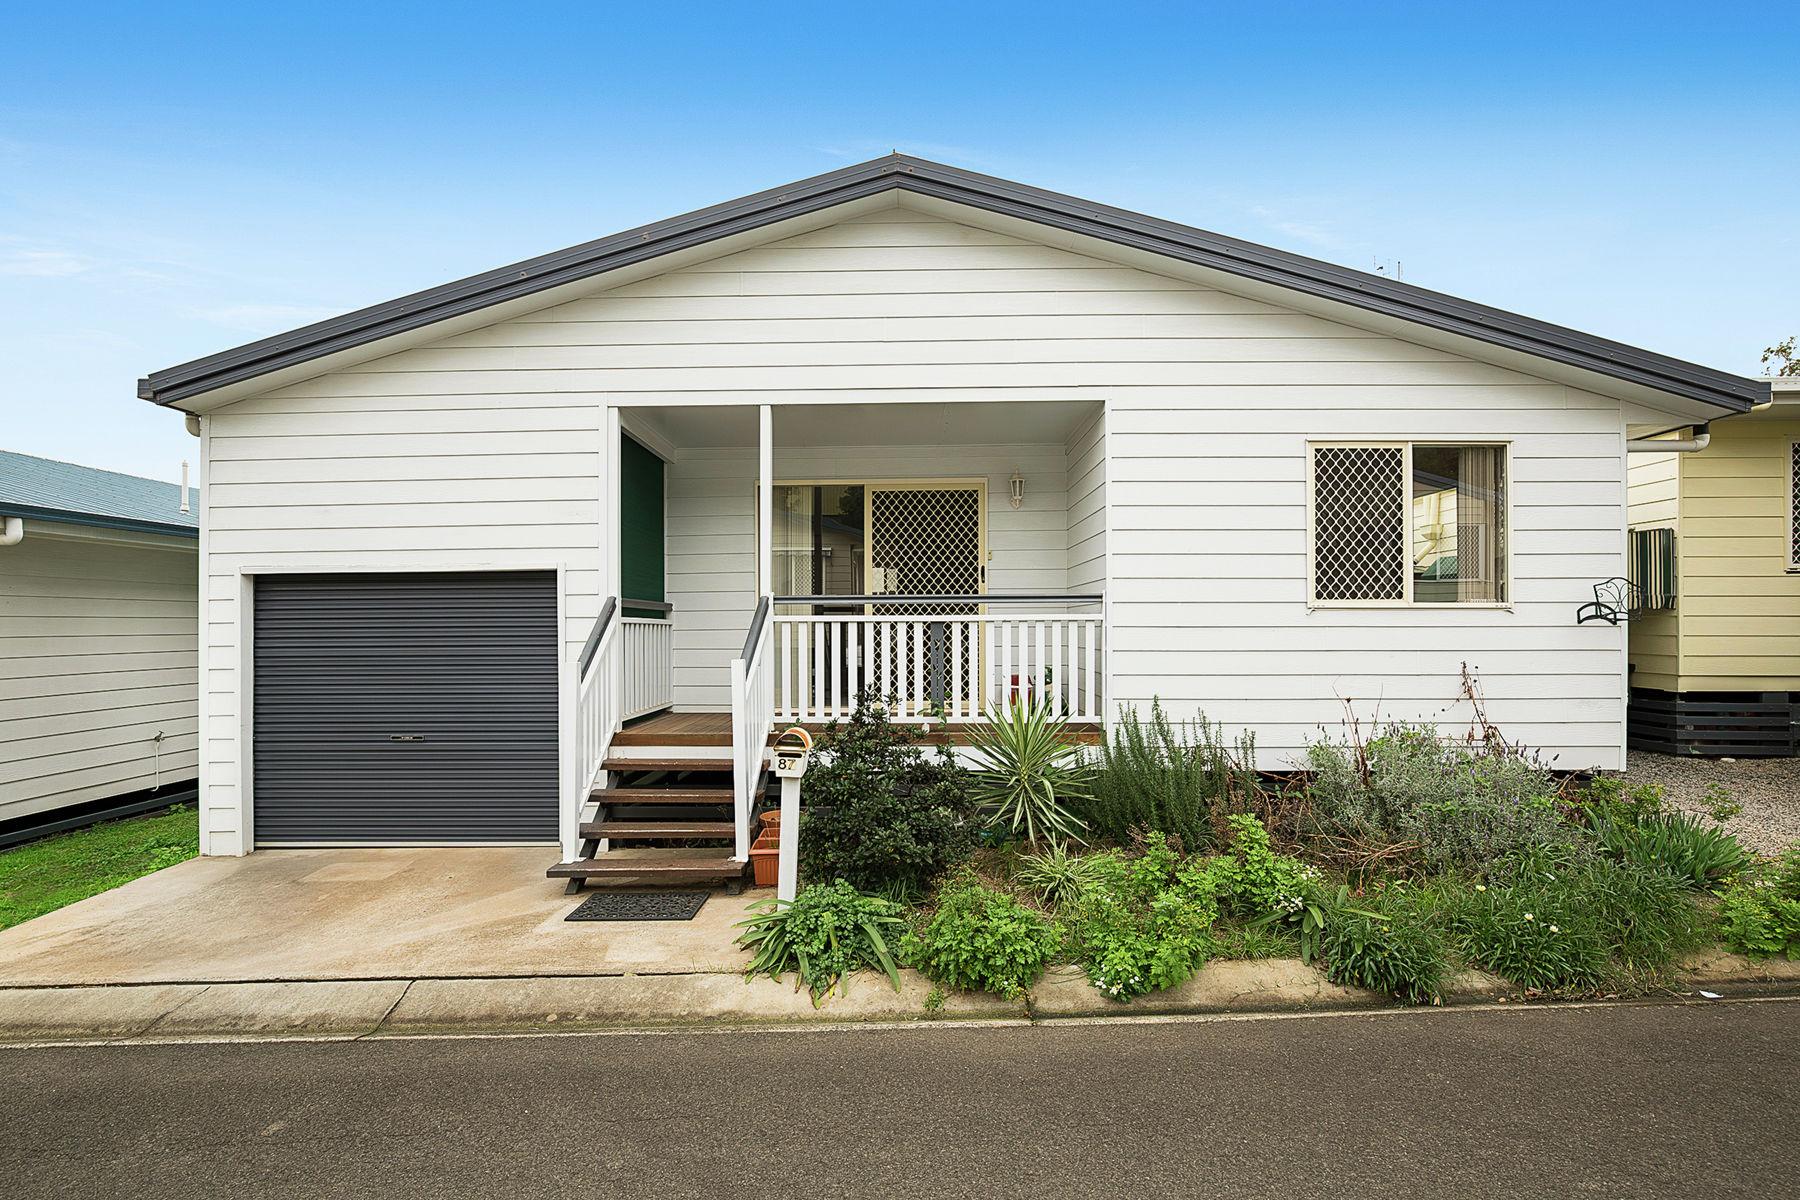 Property in Wilsonton - Offers Over $145,000